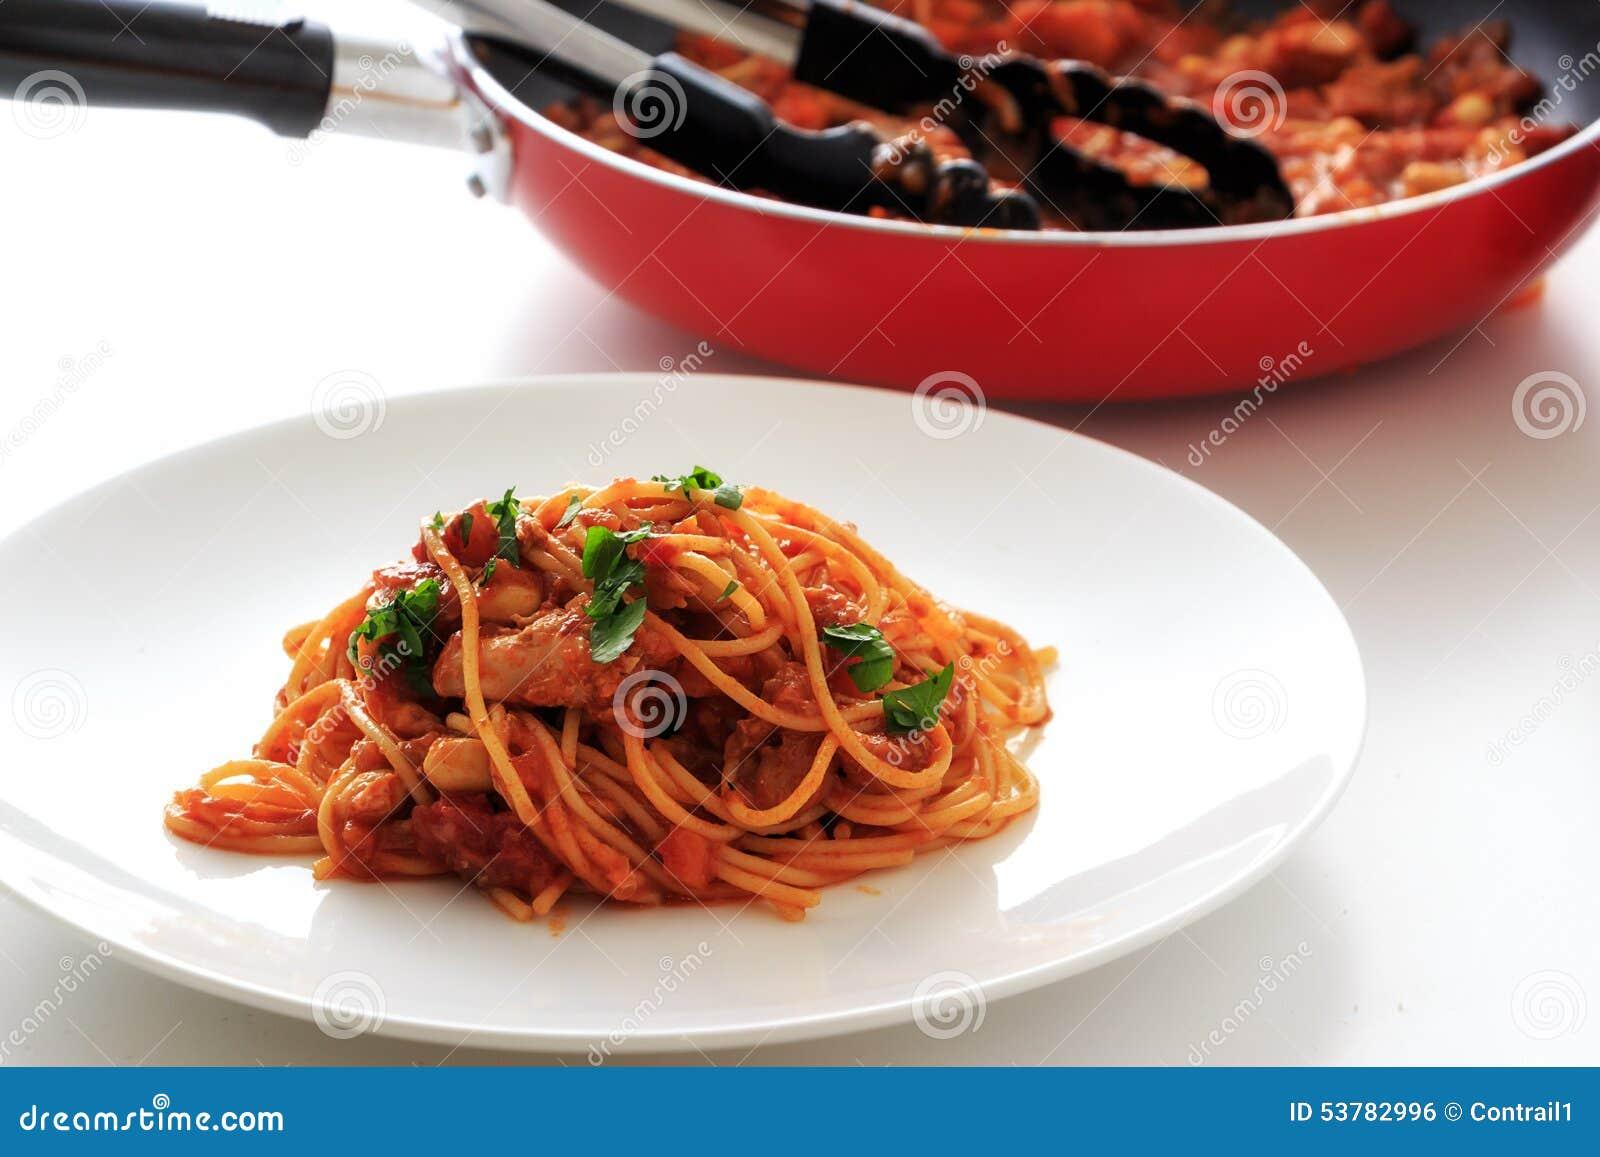 Spaghetti tomatosauce